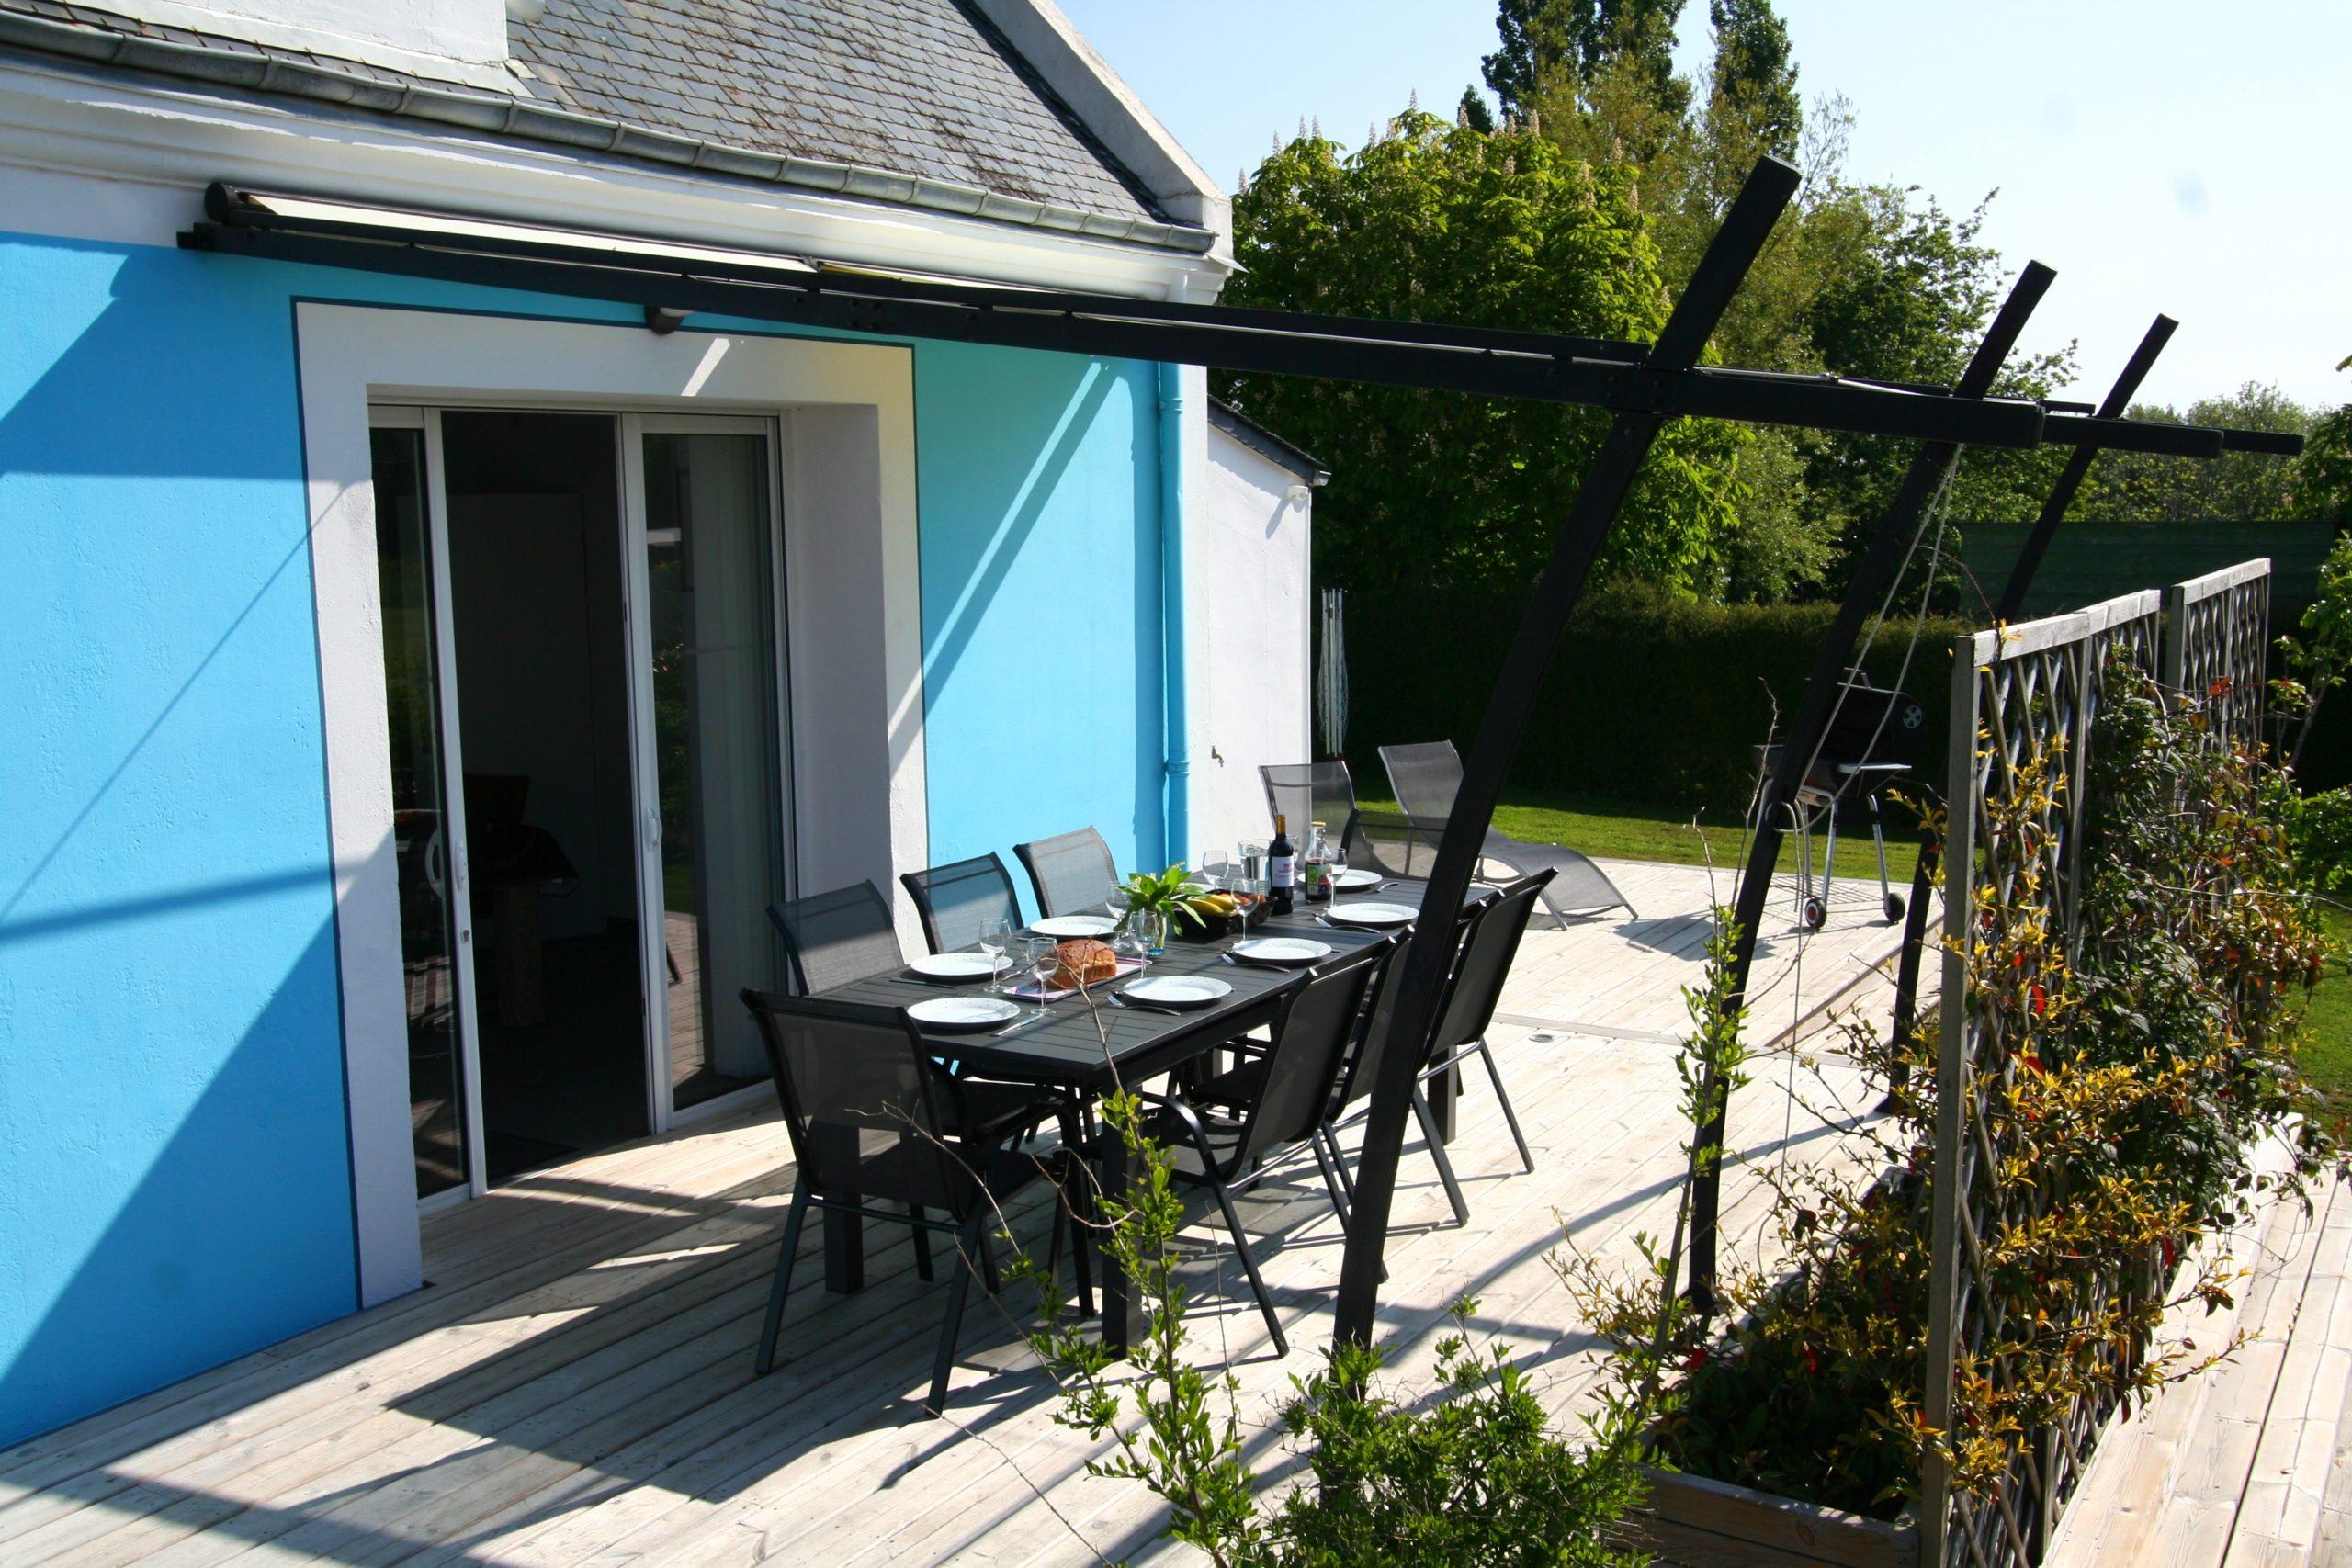 La terrasse de la maison exposée plein sud avec les tonnelles ajustables